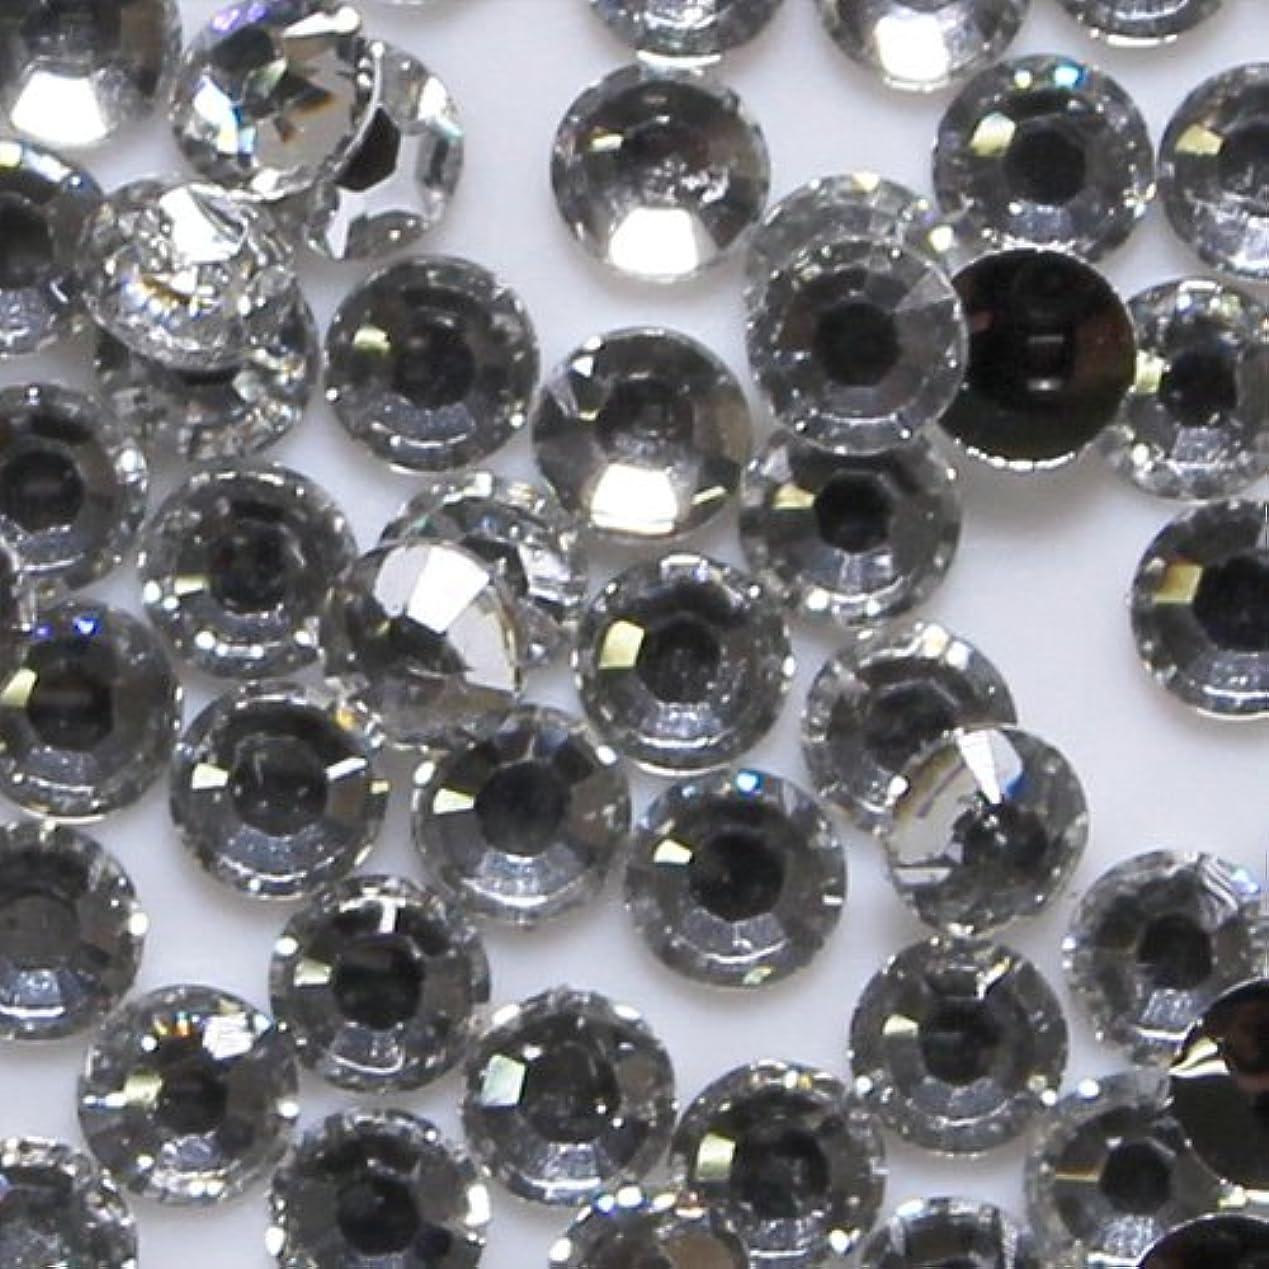 宿る急性フクロウ高品質 アクリルストーン ラインストーン ラウンドフラット 2mm 3mm 4mm 3サイズセット 計1000粒入り ダイヤモンド